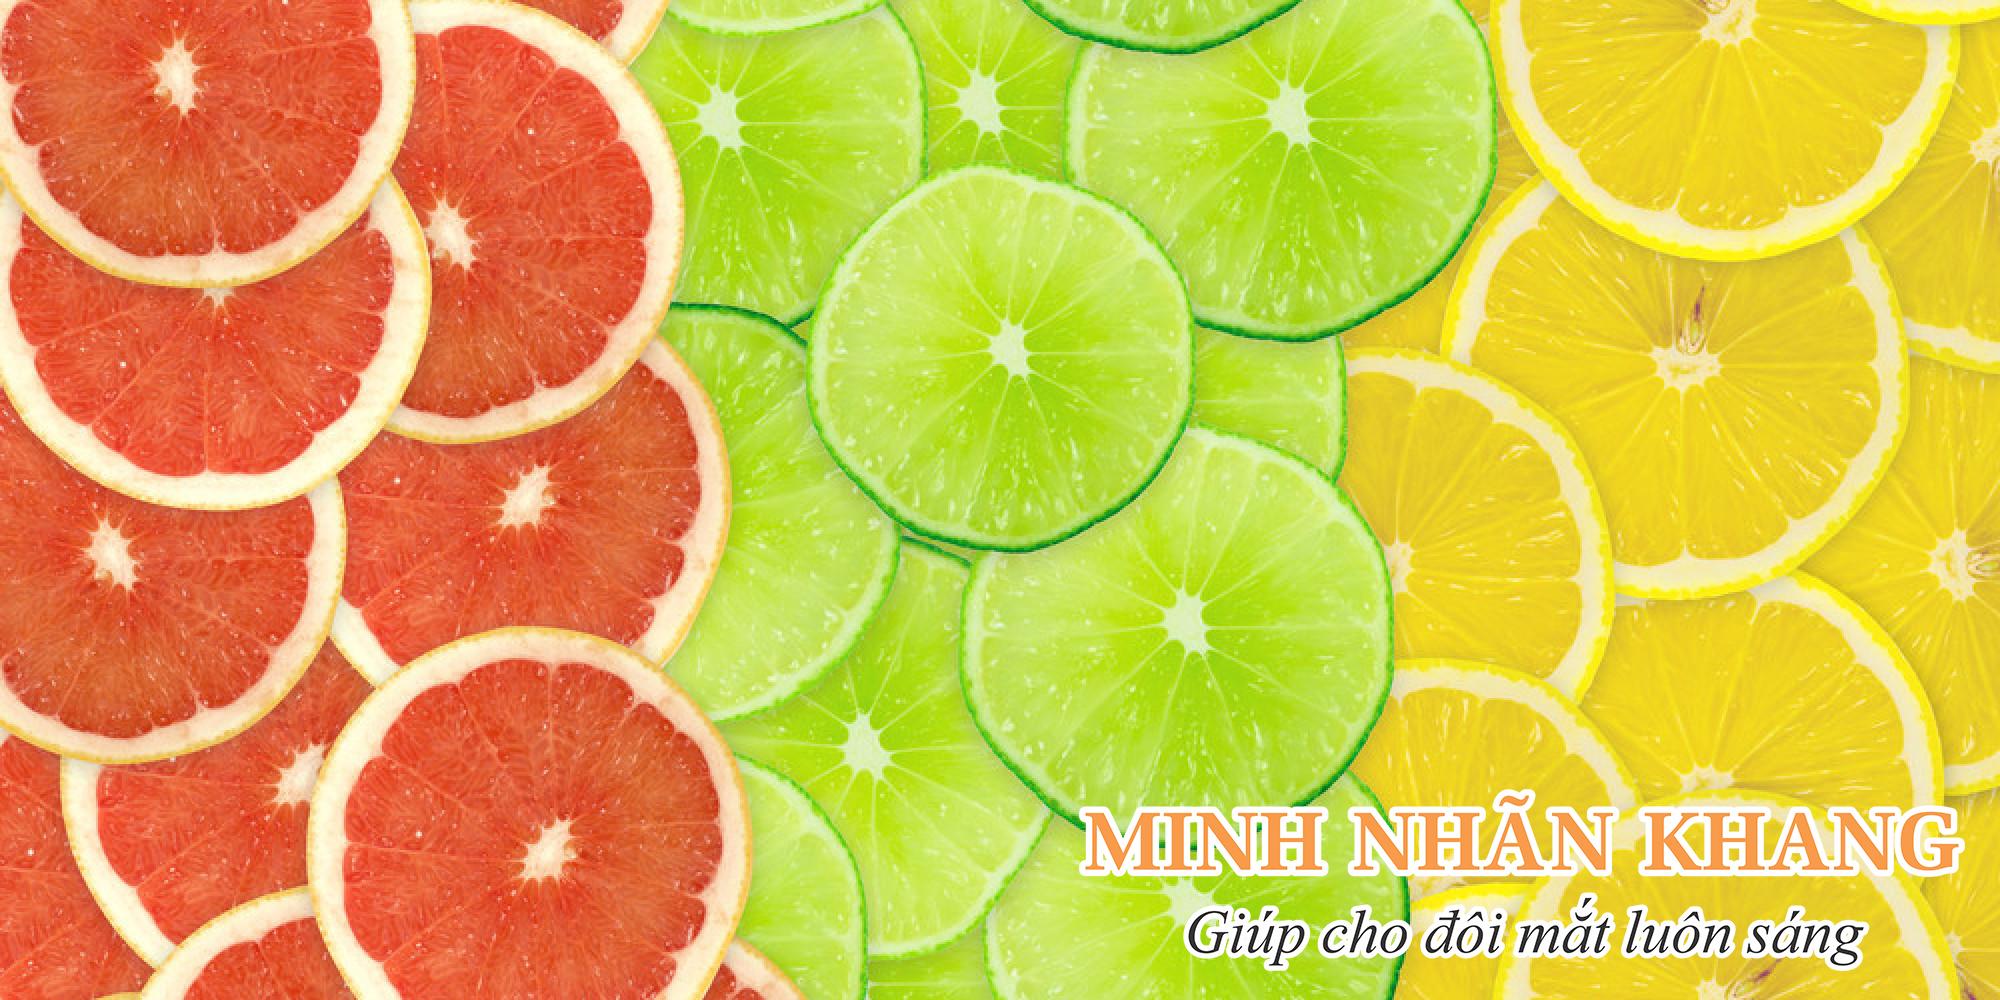 Cam, chanh, bưởi và các loại quả mọng có thể ngăn ngừa đục thủy tinh thể, thoái hóa điểm vàng